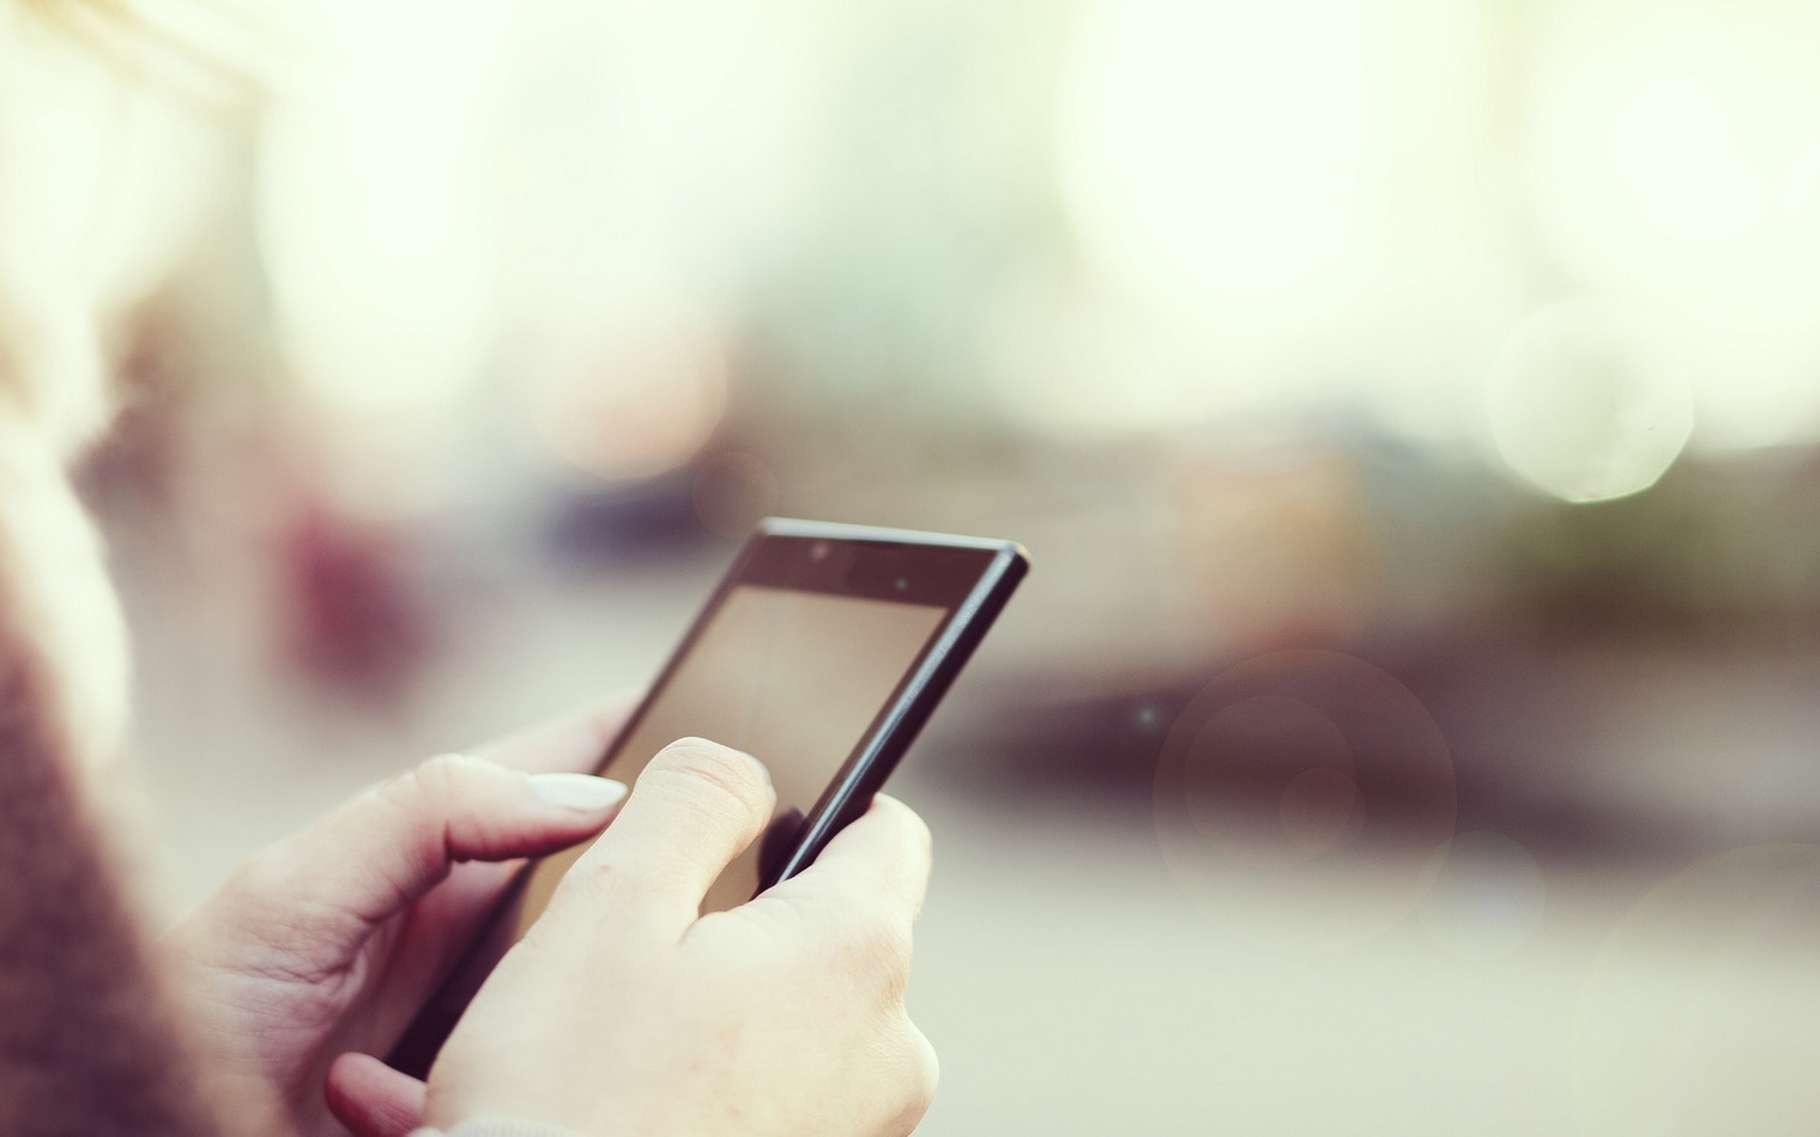 Le SMS a accompagné le développement de la téléphonie mobile. Bien qu'encore très usité, il n'a quasiment pas évolué. Les jeunes générations lui préfèrent des messageries instantanées plus polyvalentes. © Likoper, Fotolia